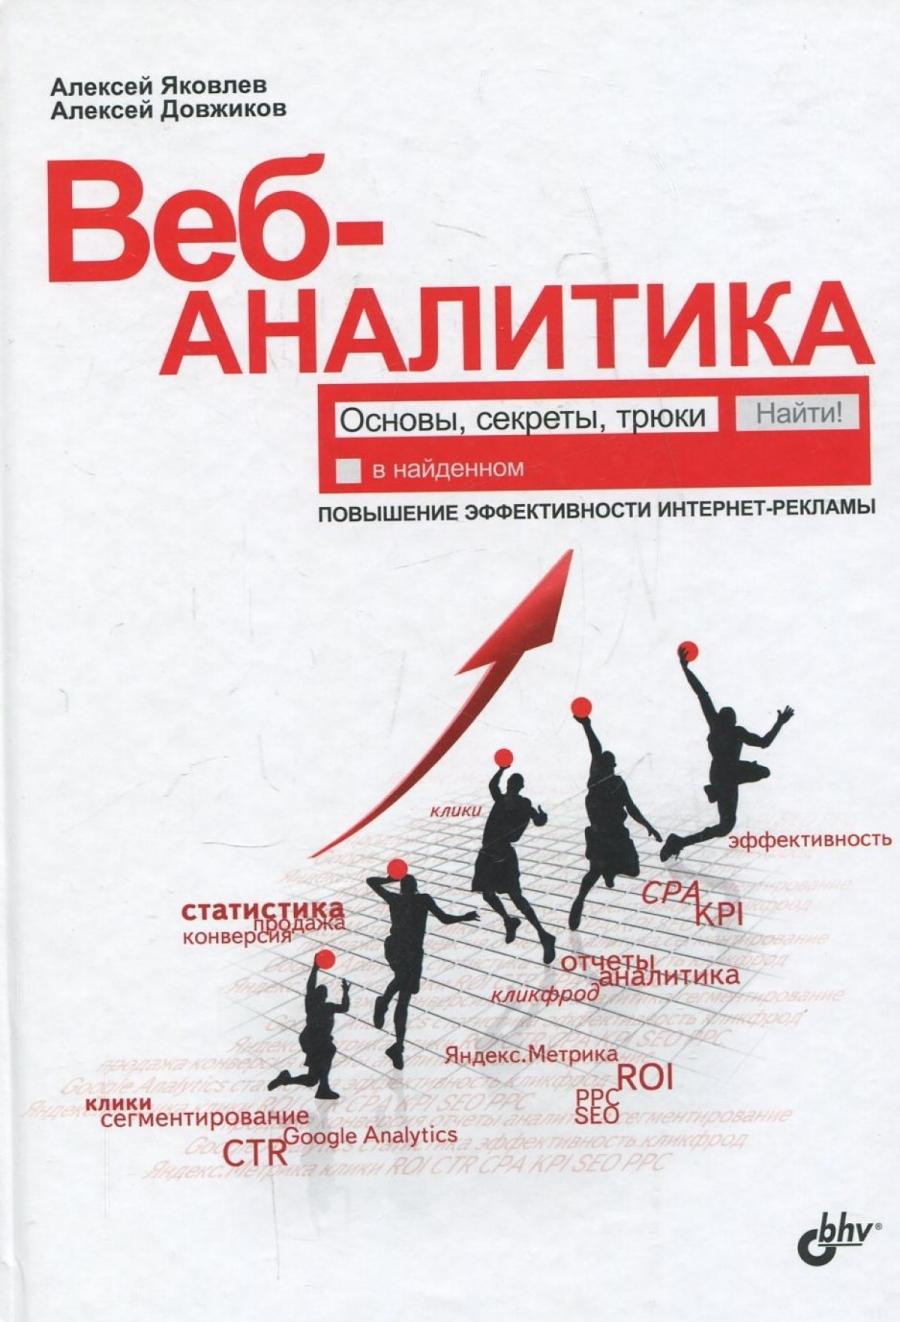 Обложка книги:  яковлев а., довжиков а. - веб-аналитика. основы, секреты, трюки